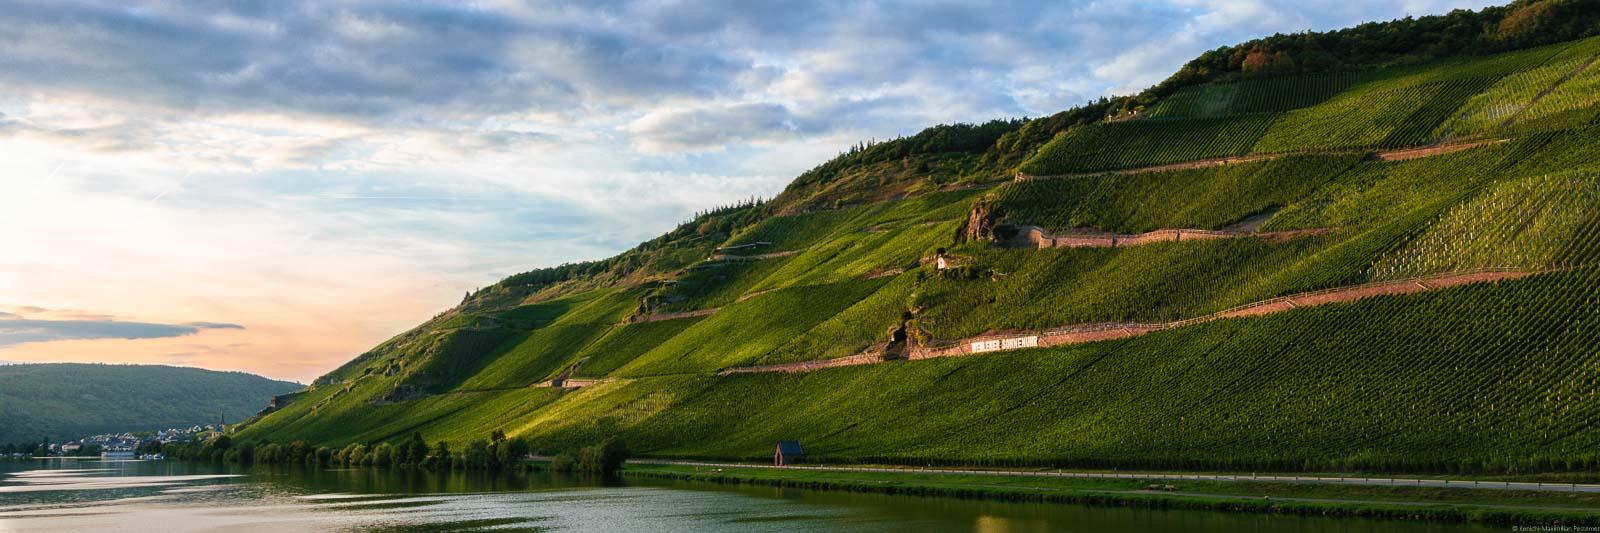 Fluss Mose, Weinberge, Dorf, Sonnenuntergang, Himmel